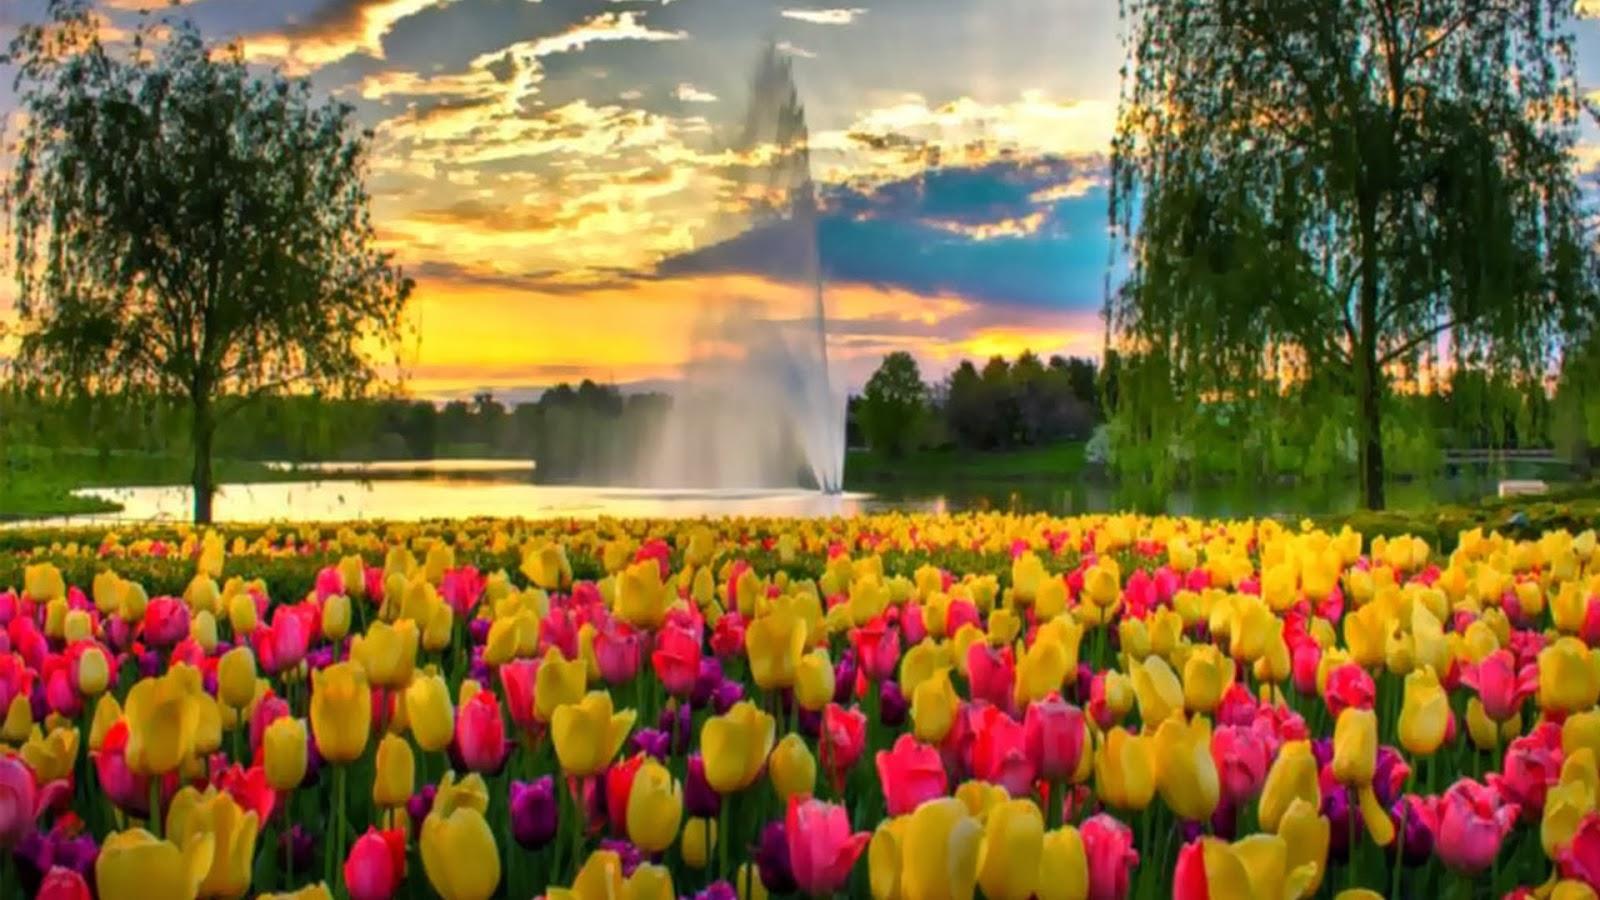 جمال الزهور اليابانية اليابان